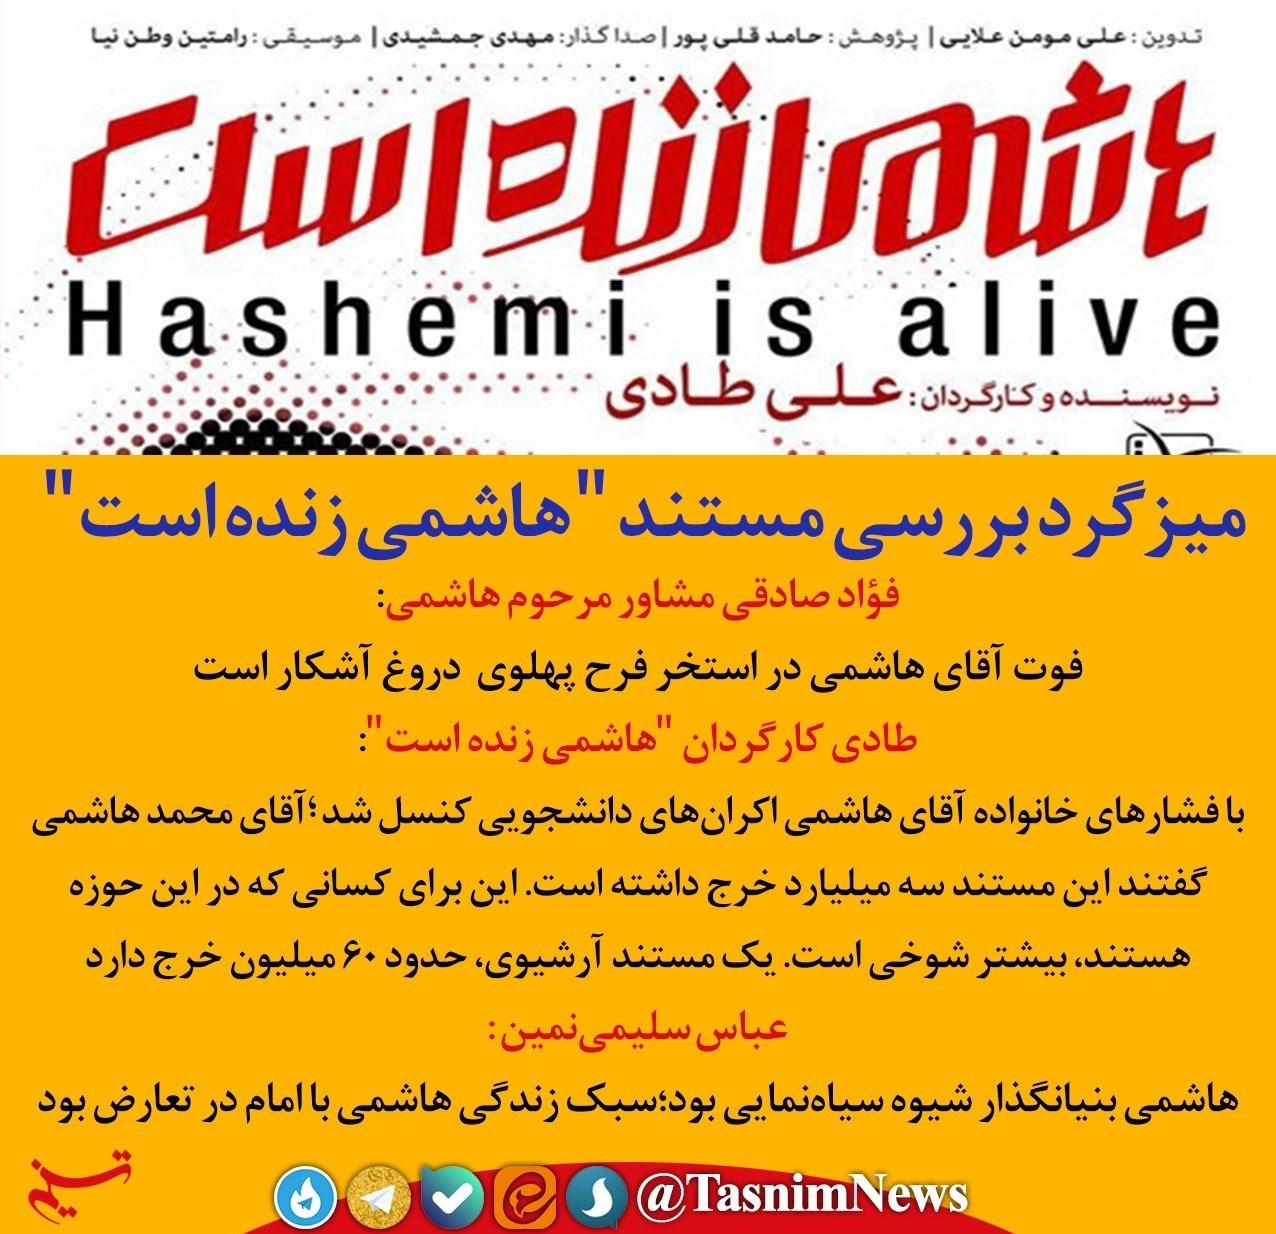 فتوتیتر| با فشارهای خانواده آقای هاشمی اکرانهای دانشجویی کنسل شد - 2